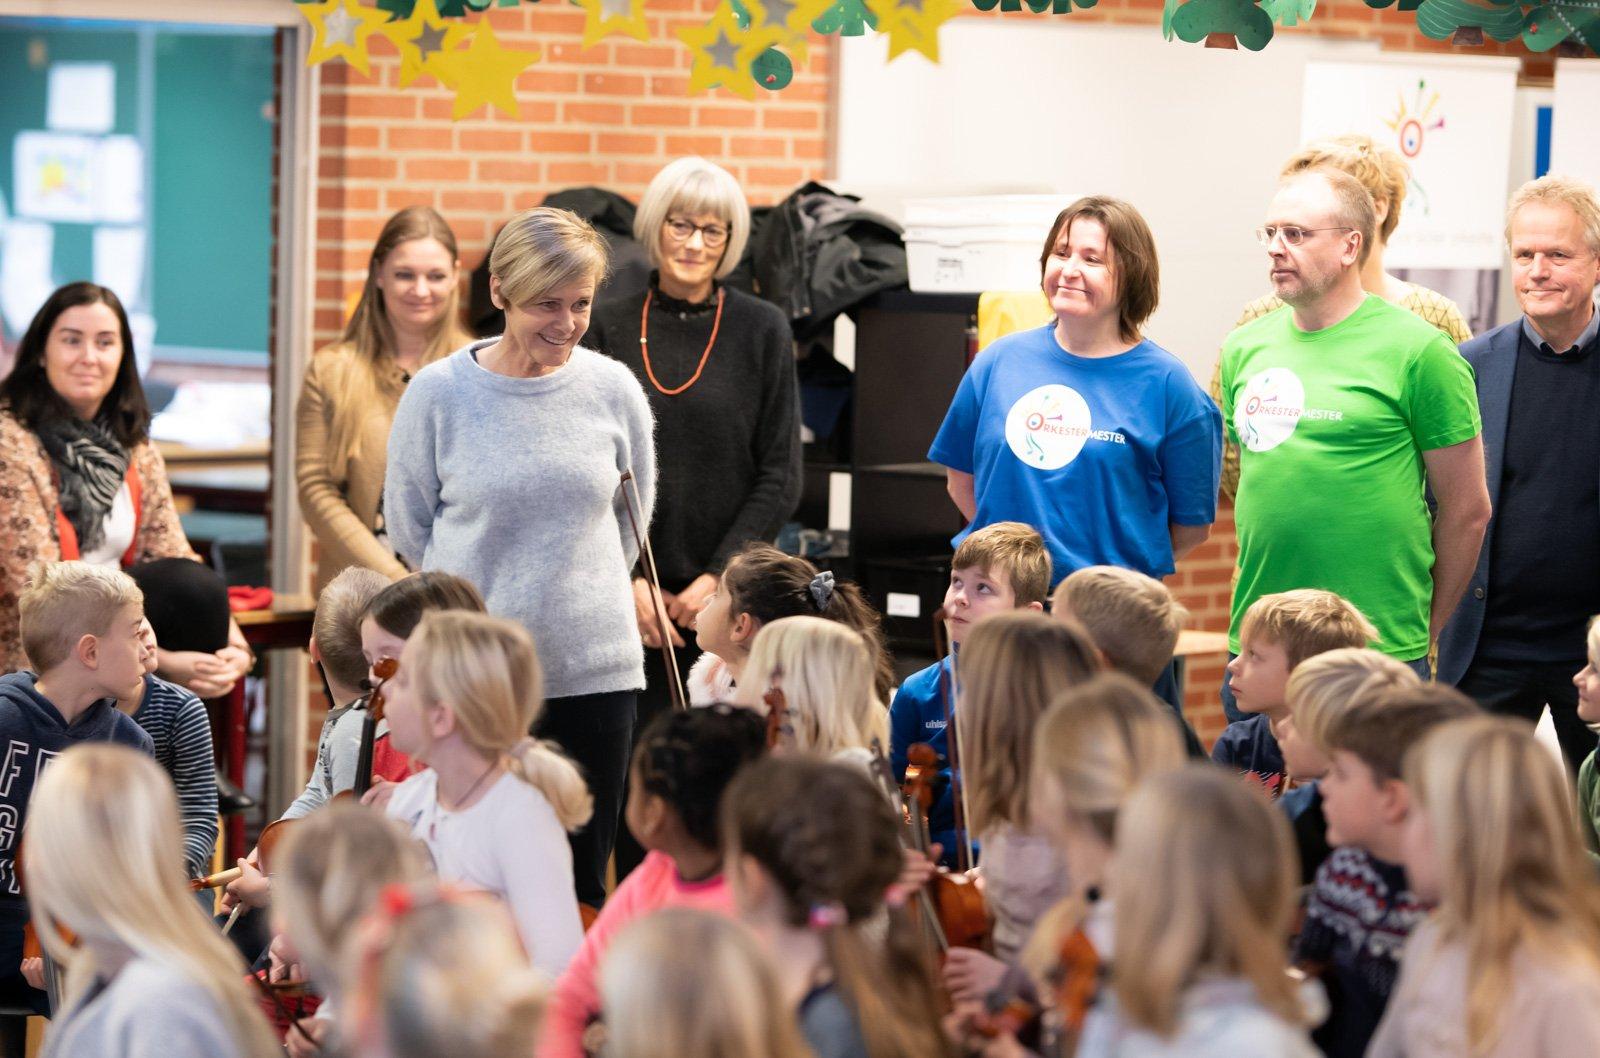 """""""Der er rigtigt mange børn, som er interesseret i rytmisk musik, og som går på den lokale musikskole eller spiller i et lille band,"""" lyder det fra kulturminister Mette Bock (LA)."""